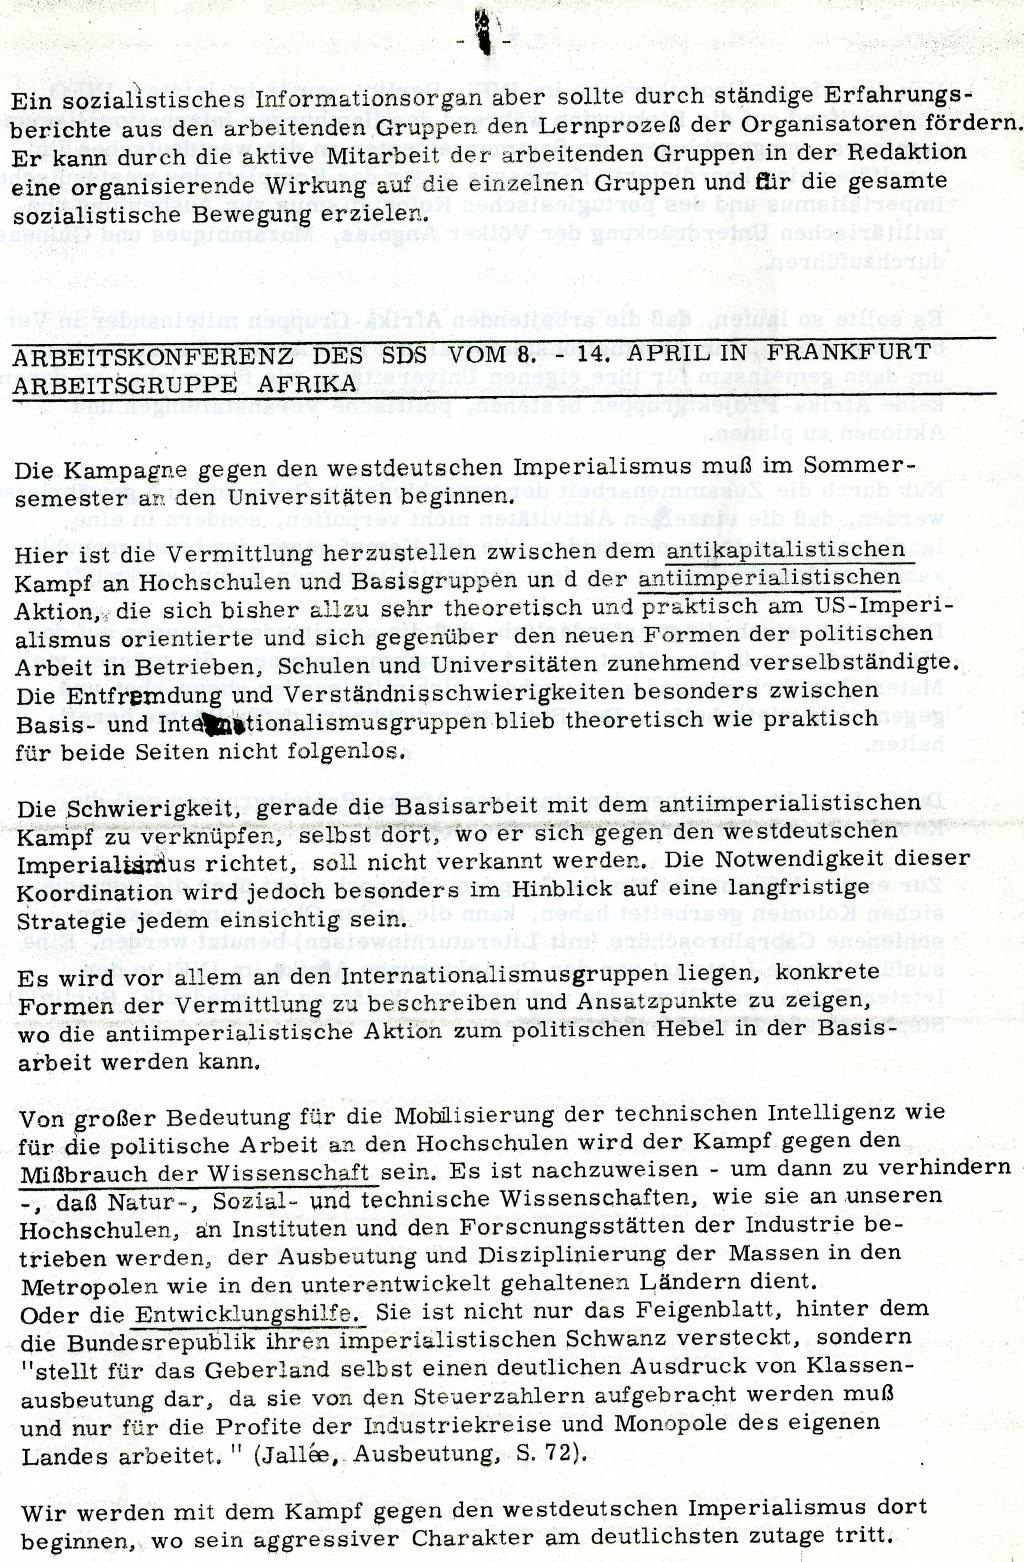 RPK_1969_Sonder02_03